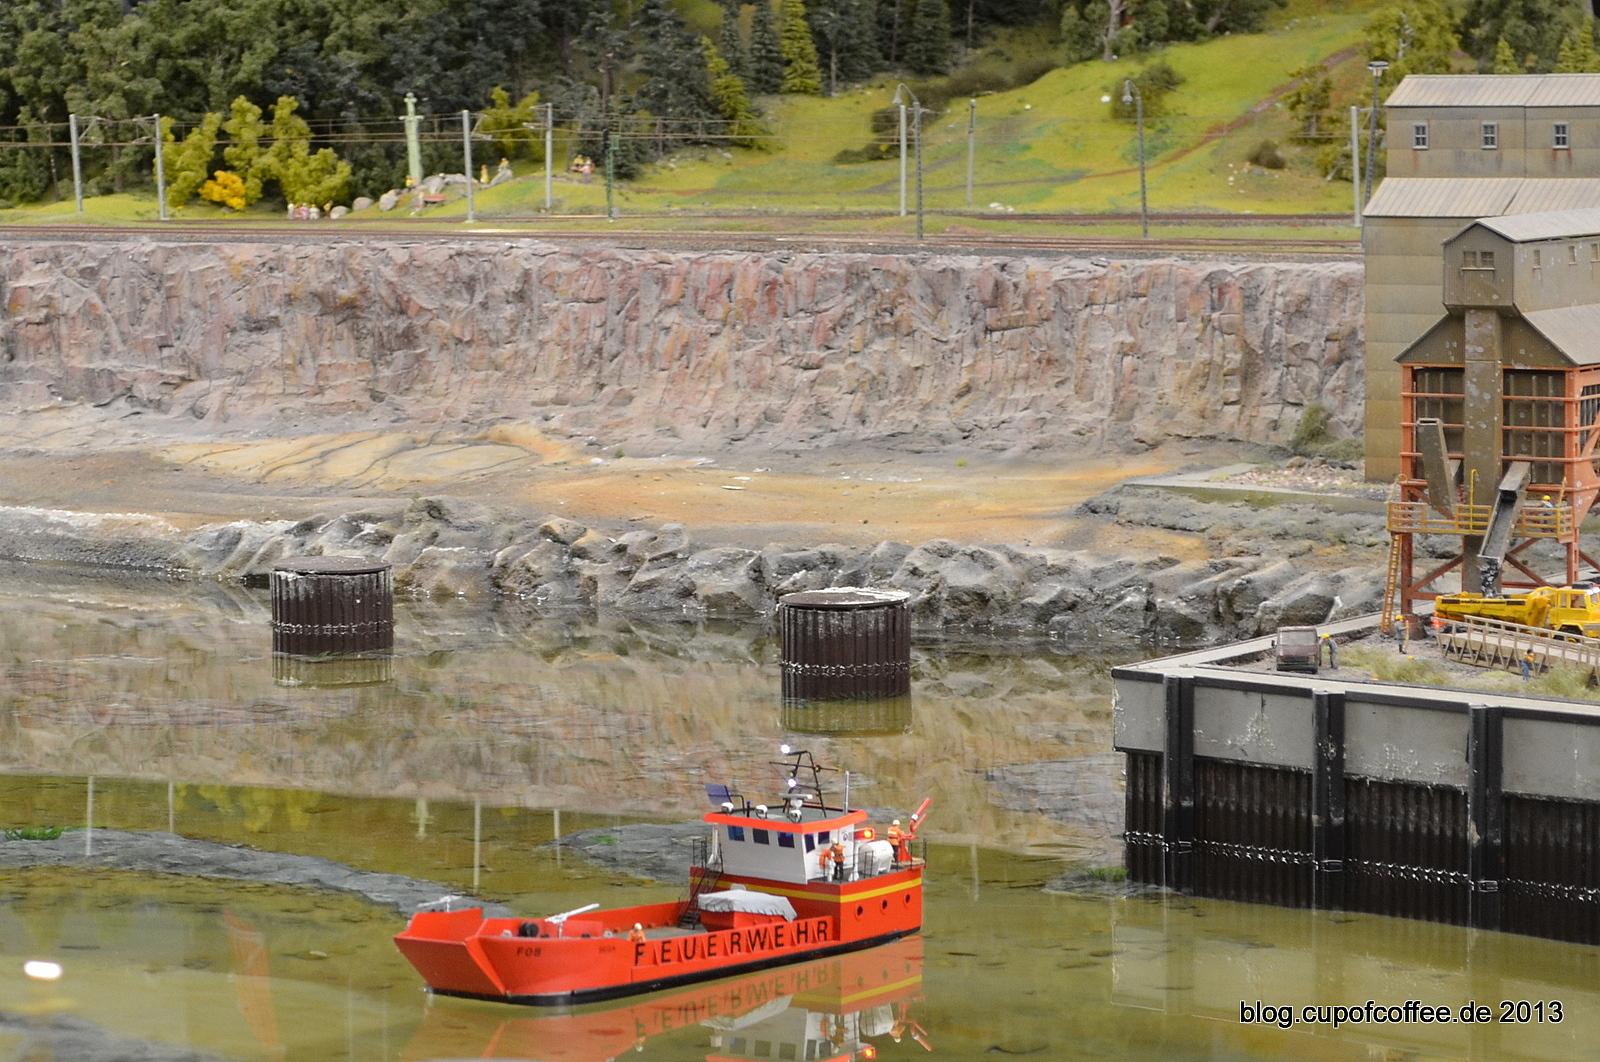 Feuerwehrschiff BEGA in der Hafeneinfahrt von Bergvik.